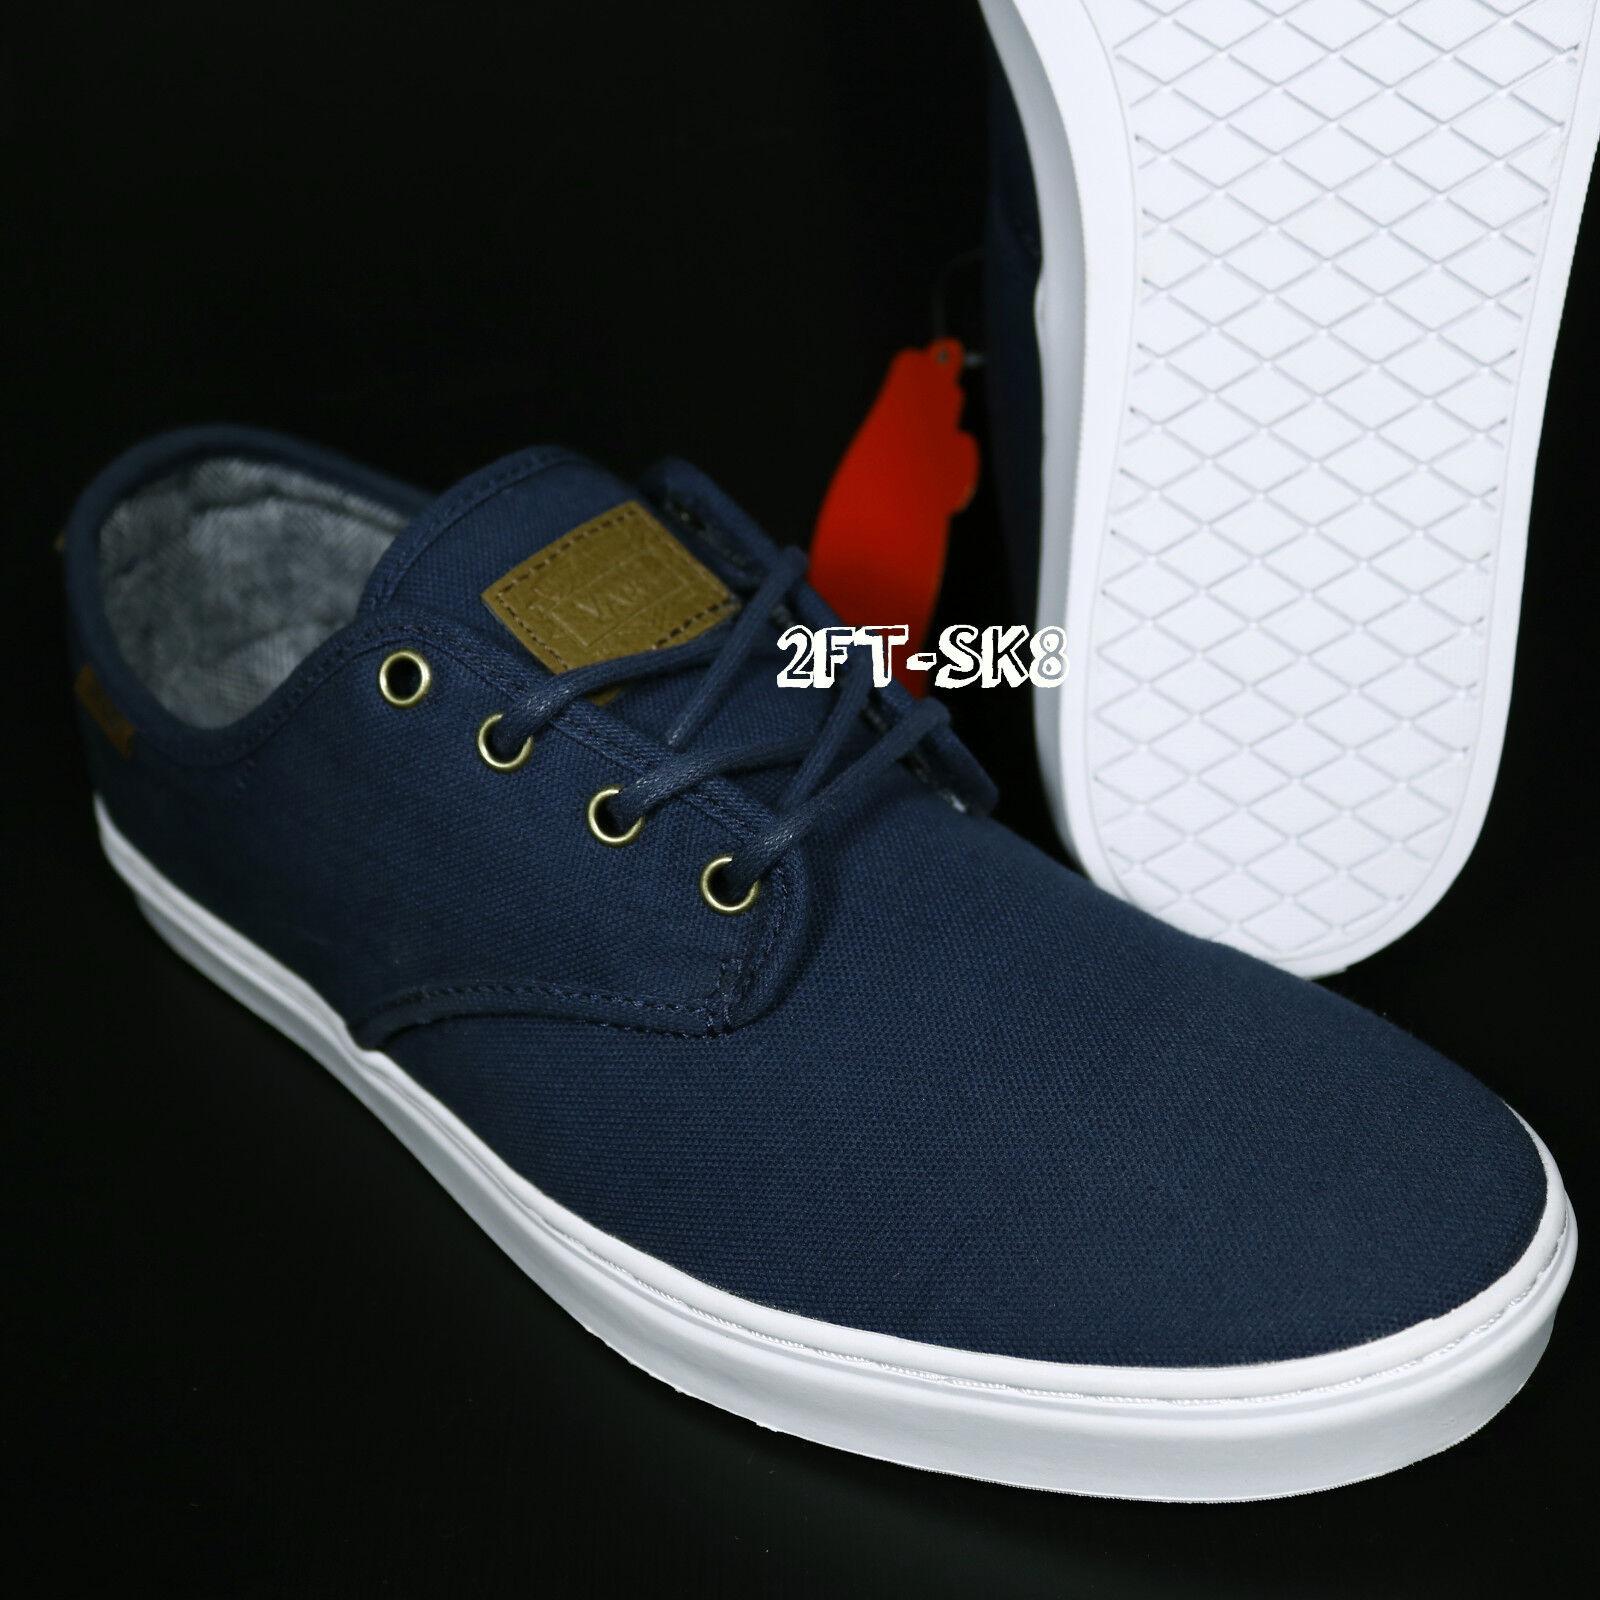 VANS BlauS LUDLOW CANVAS DRESS BlauS VANS WEISS MEN'S SKATE Schuhe///S89138.194 85f3f1